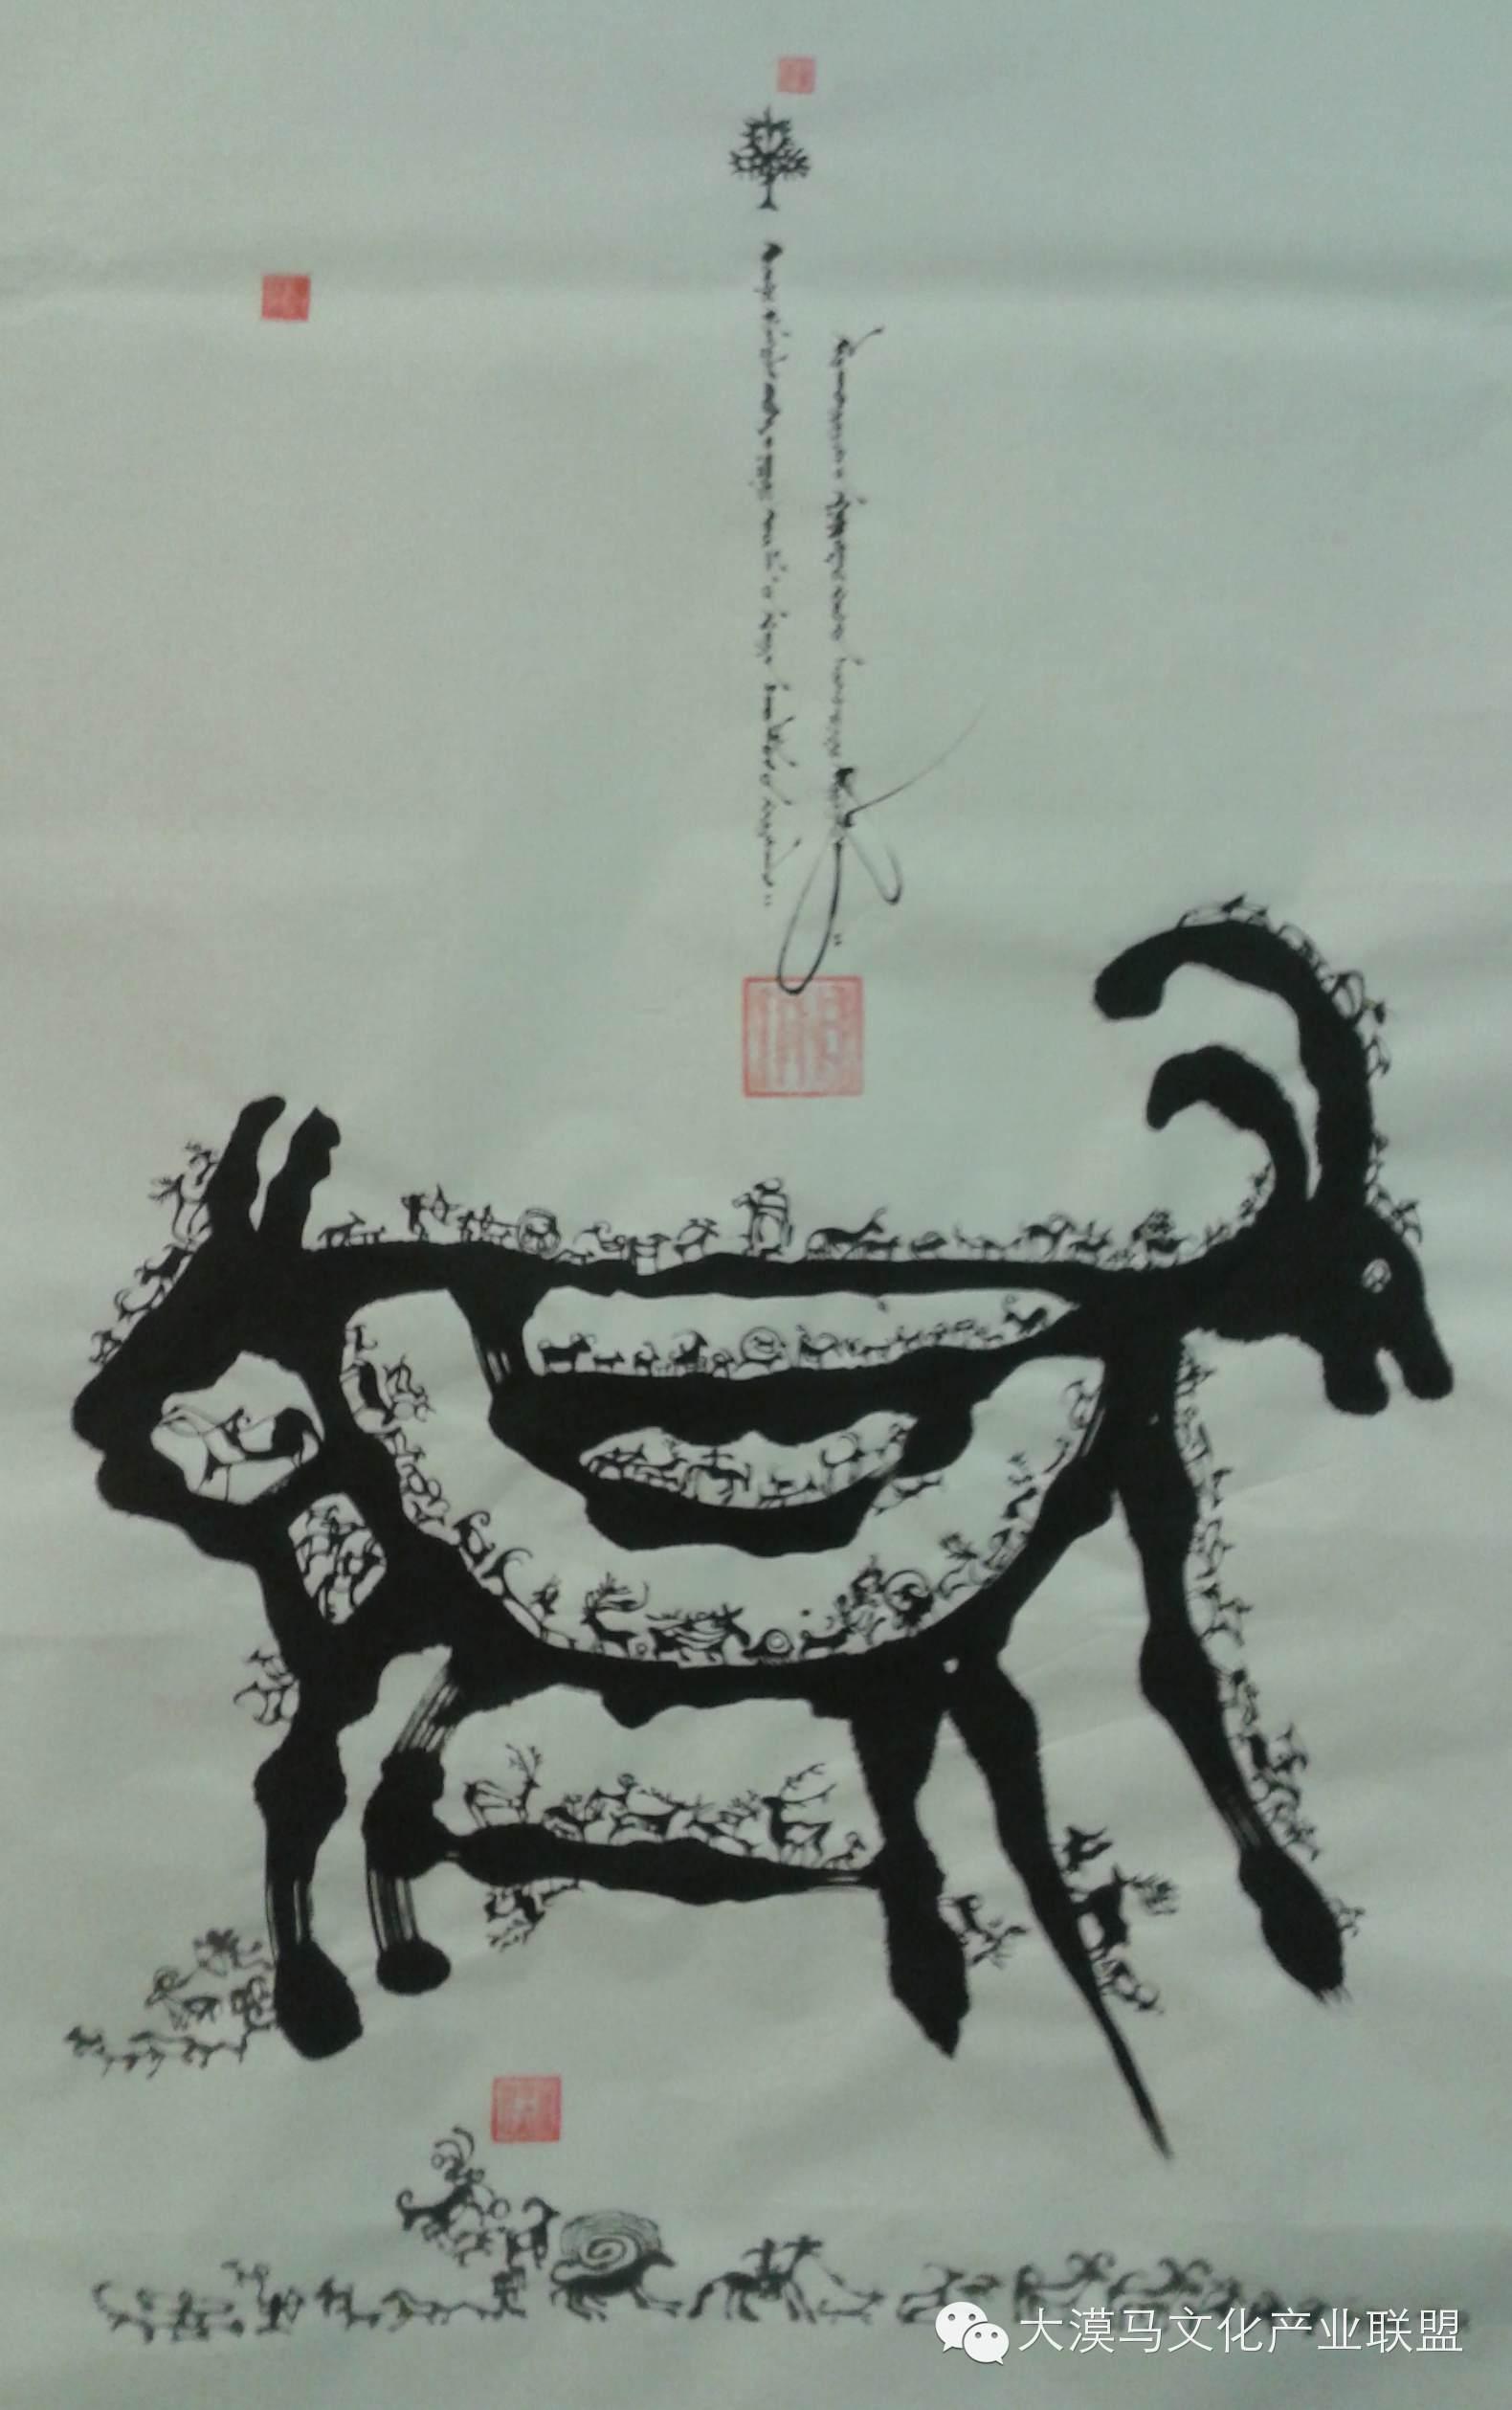 大召当代艺术中心蒙古国画家【拉·苏和巴特尔】 第5张 大召当代艺术中心蒙古国画家【拉·苏和巴特尔】 蒙古画廊